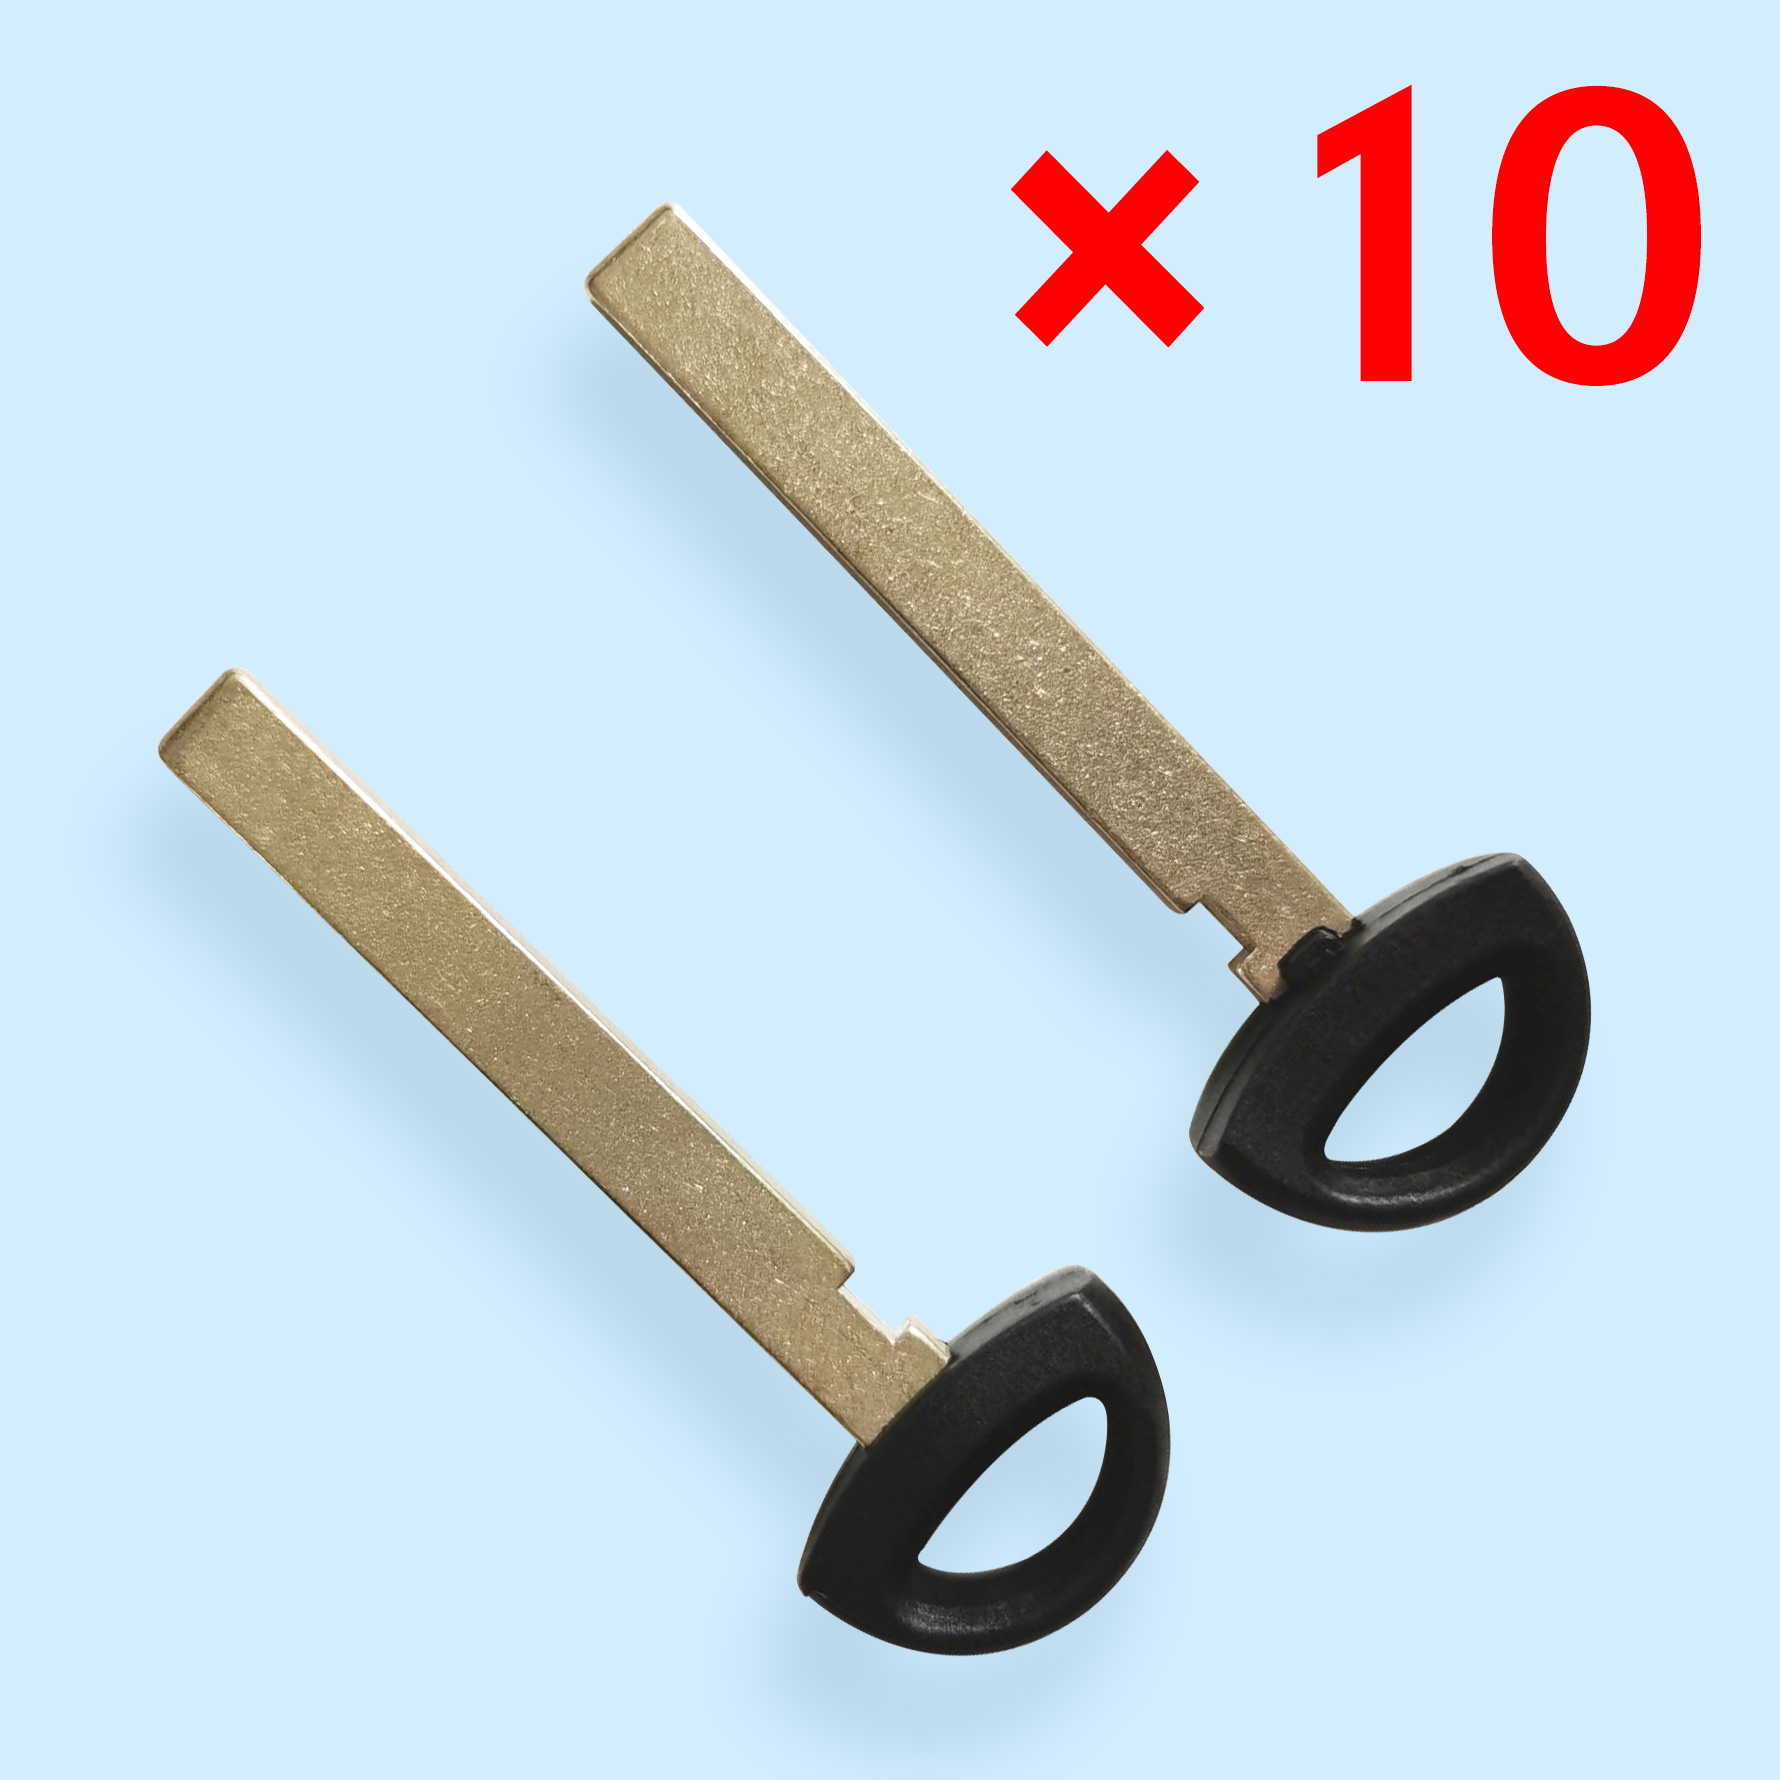 Emergnecy Key Blade for BMW Mini R55 R56 R57 R58 R59 R60 - Pack of 10